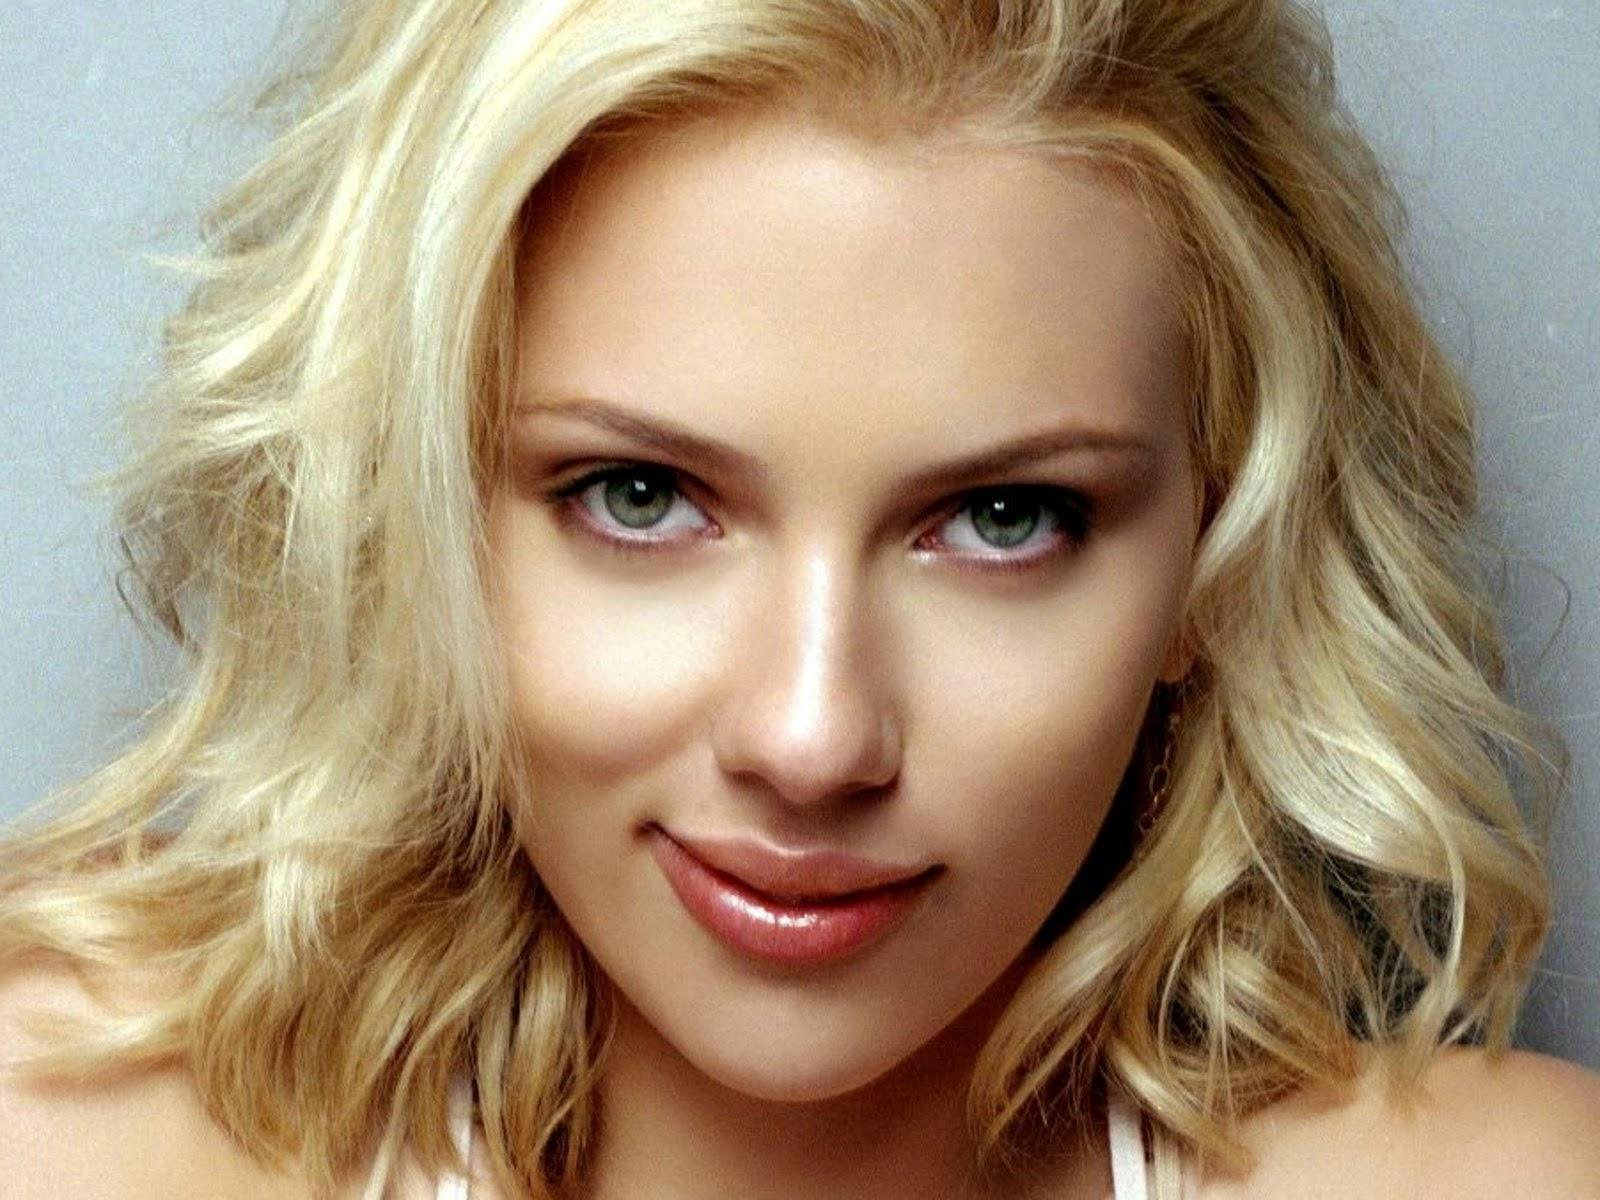 Selfie Instagram Scarlett Johansson naked photo 2017